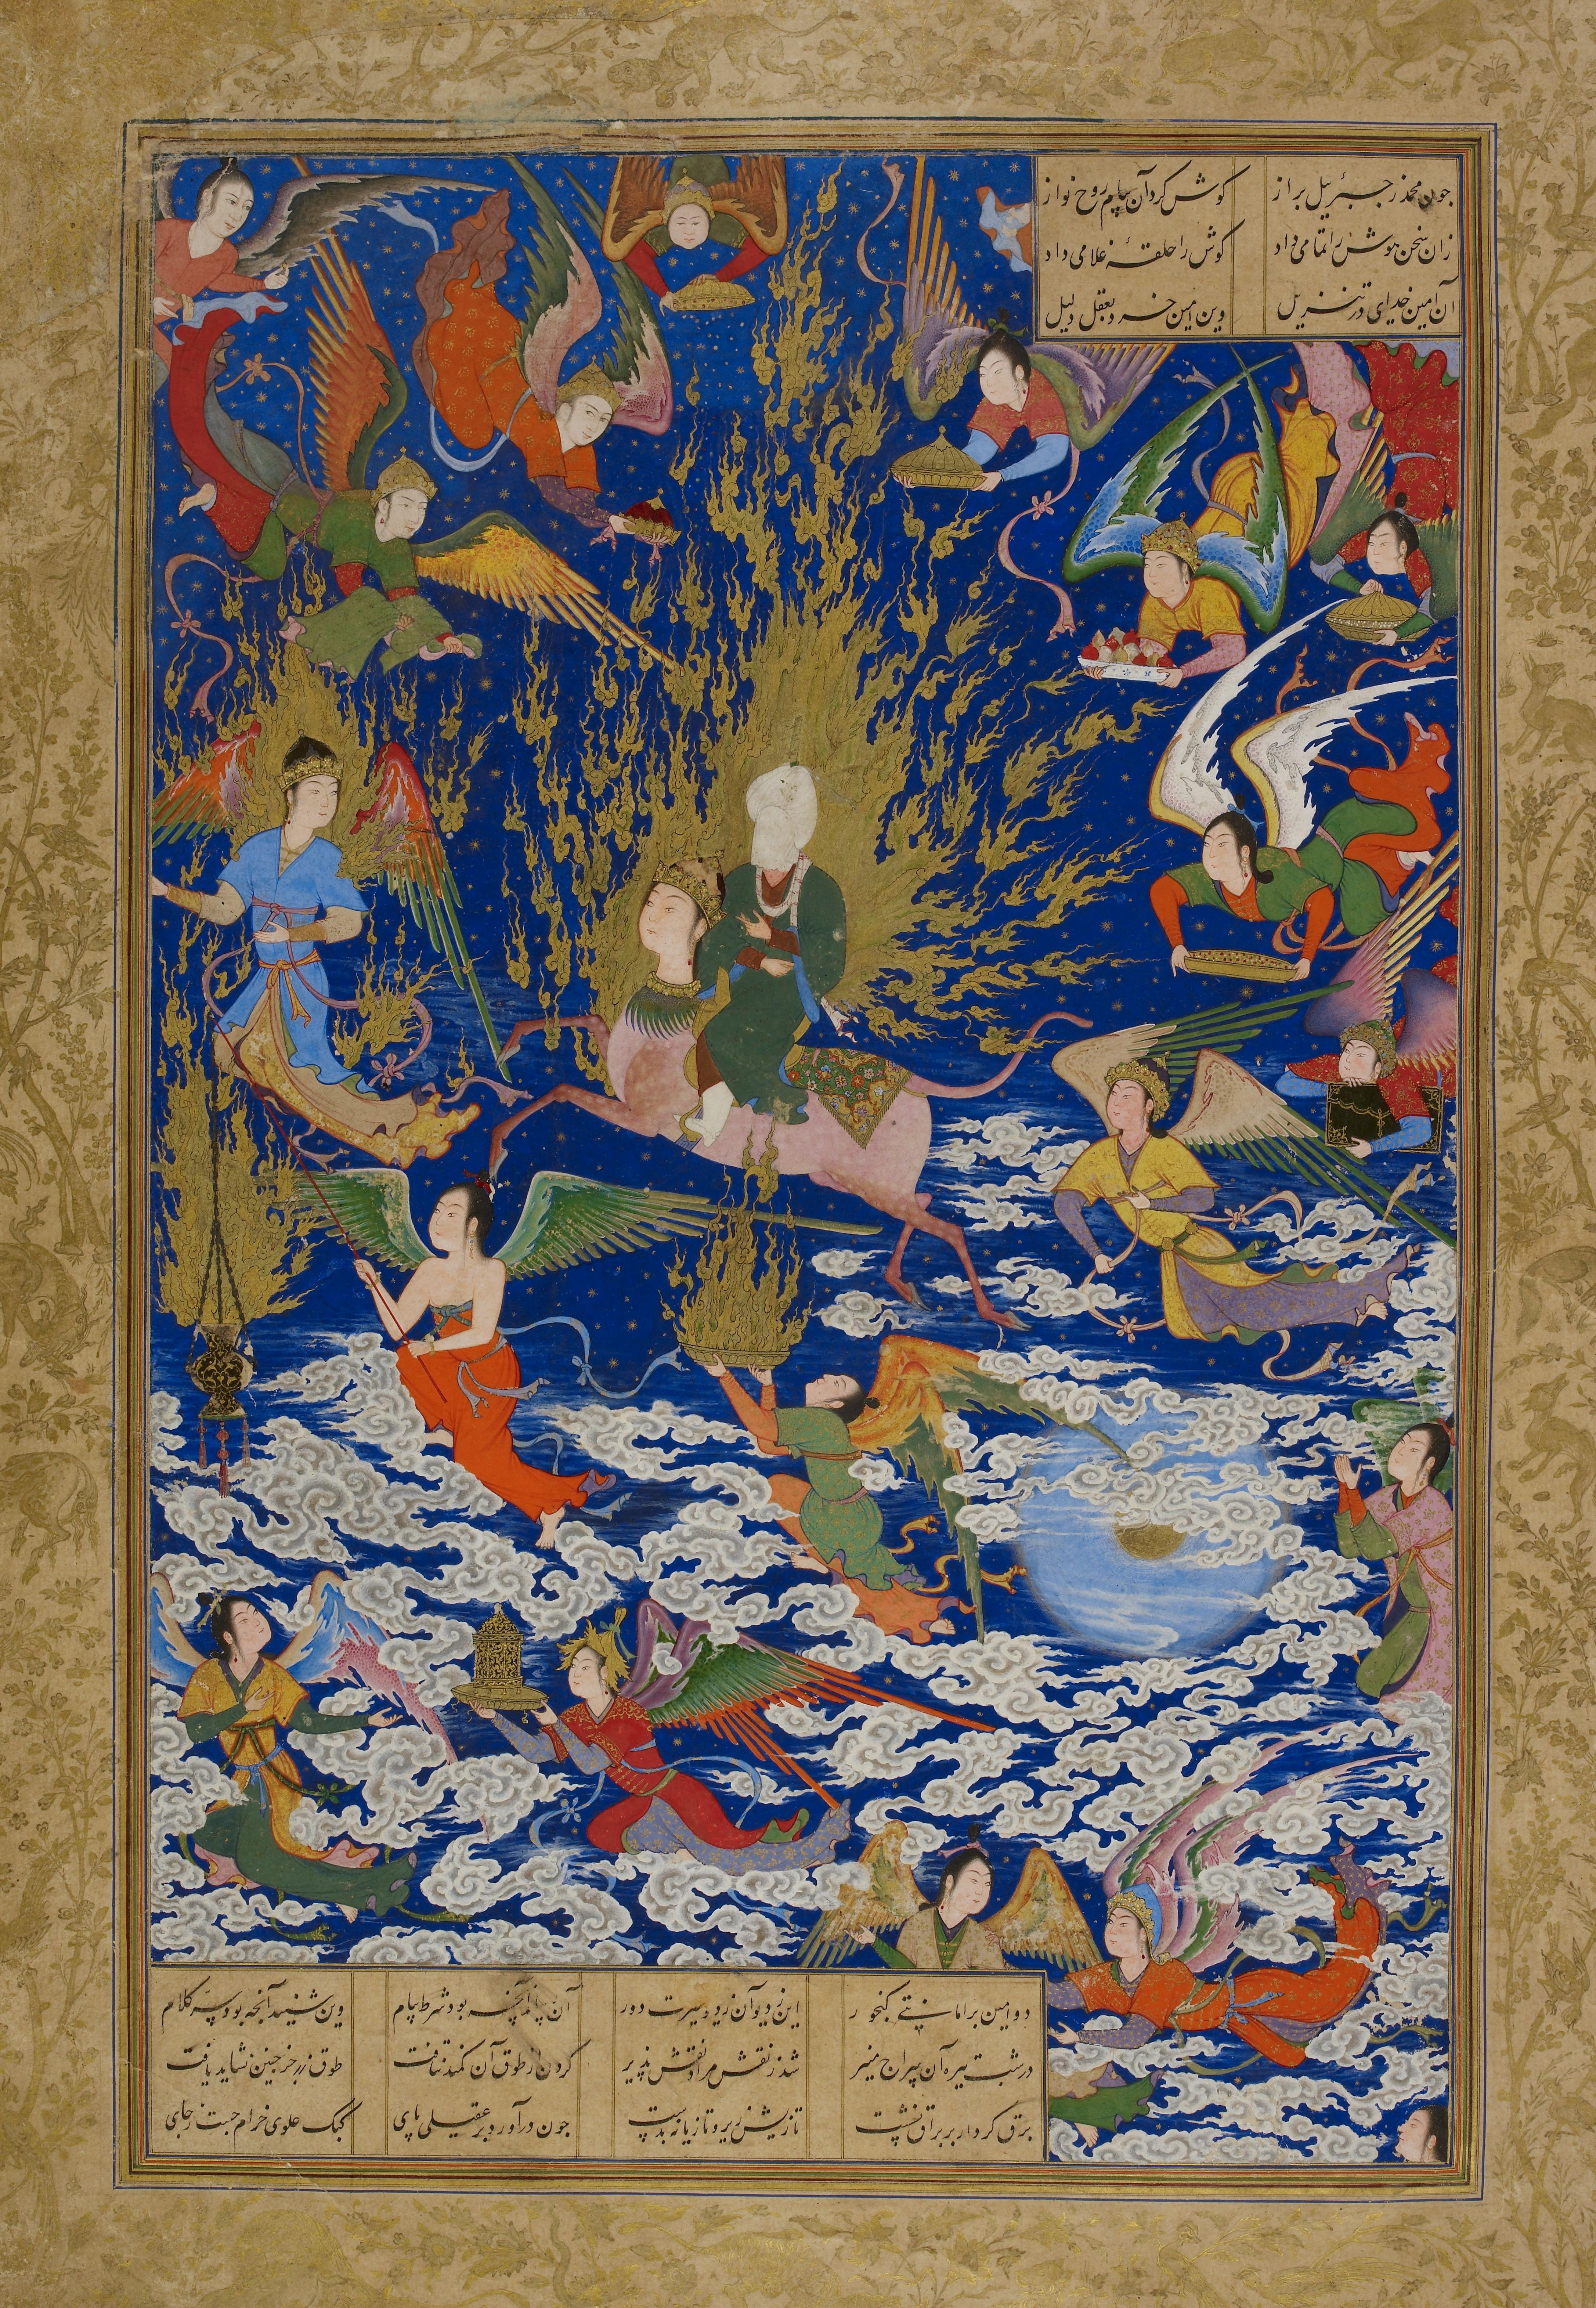 Sultan Muhammad, Miraj (ascension de Mahomet vers le paradis sur son âne burāq) dans un Khamseh de Nizami daté de 1539-43.